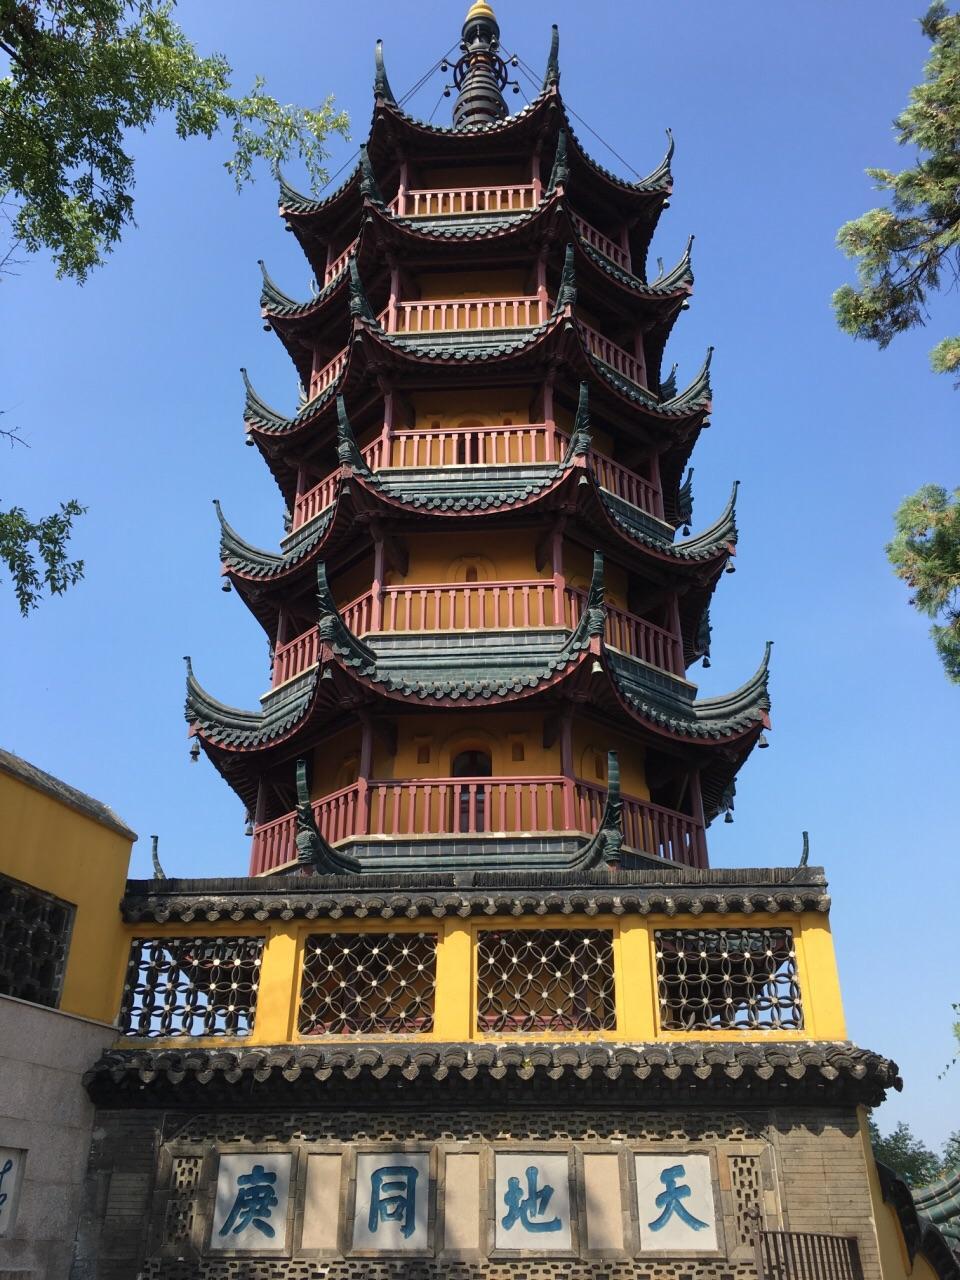 《白蛇传》中白素贞为爱水漫金山,现实中的金山寺是在哪里-蚂蚁庄园2021年5月18每日一题答案